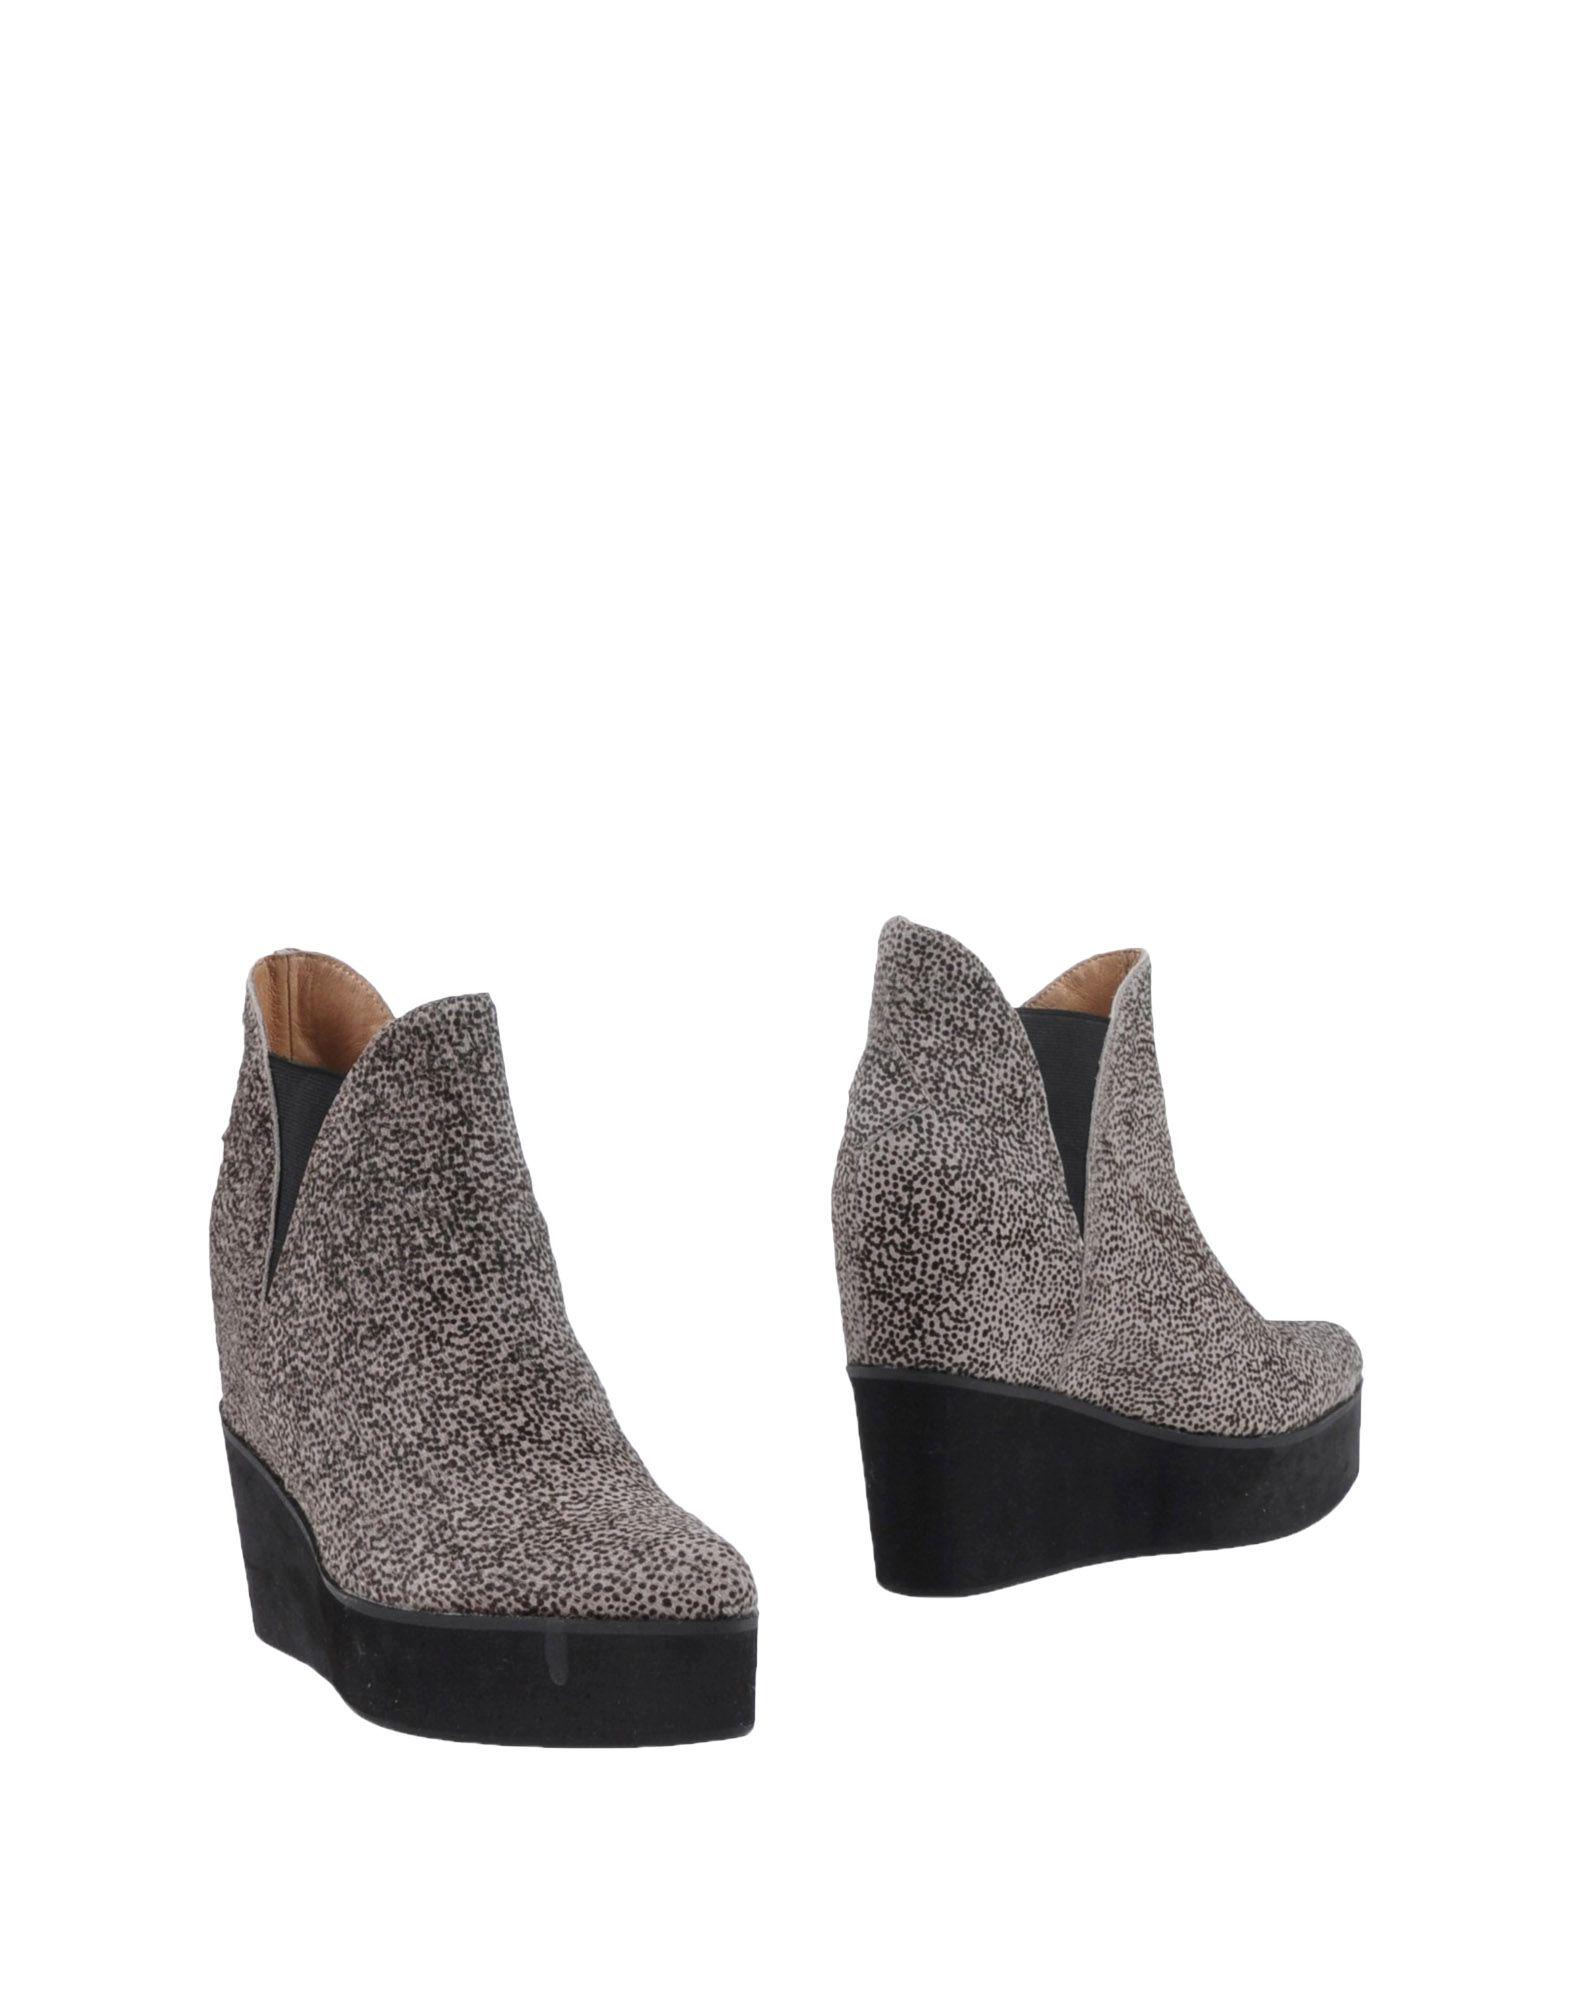 Gut um billige Schuhe Boots zu tragenJeffrey Campbell Chelsea Boots Schuhe Damen  11039975IM 5f0c7b